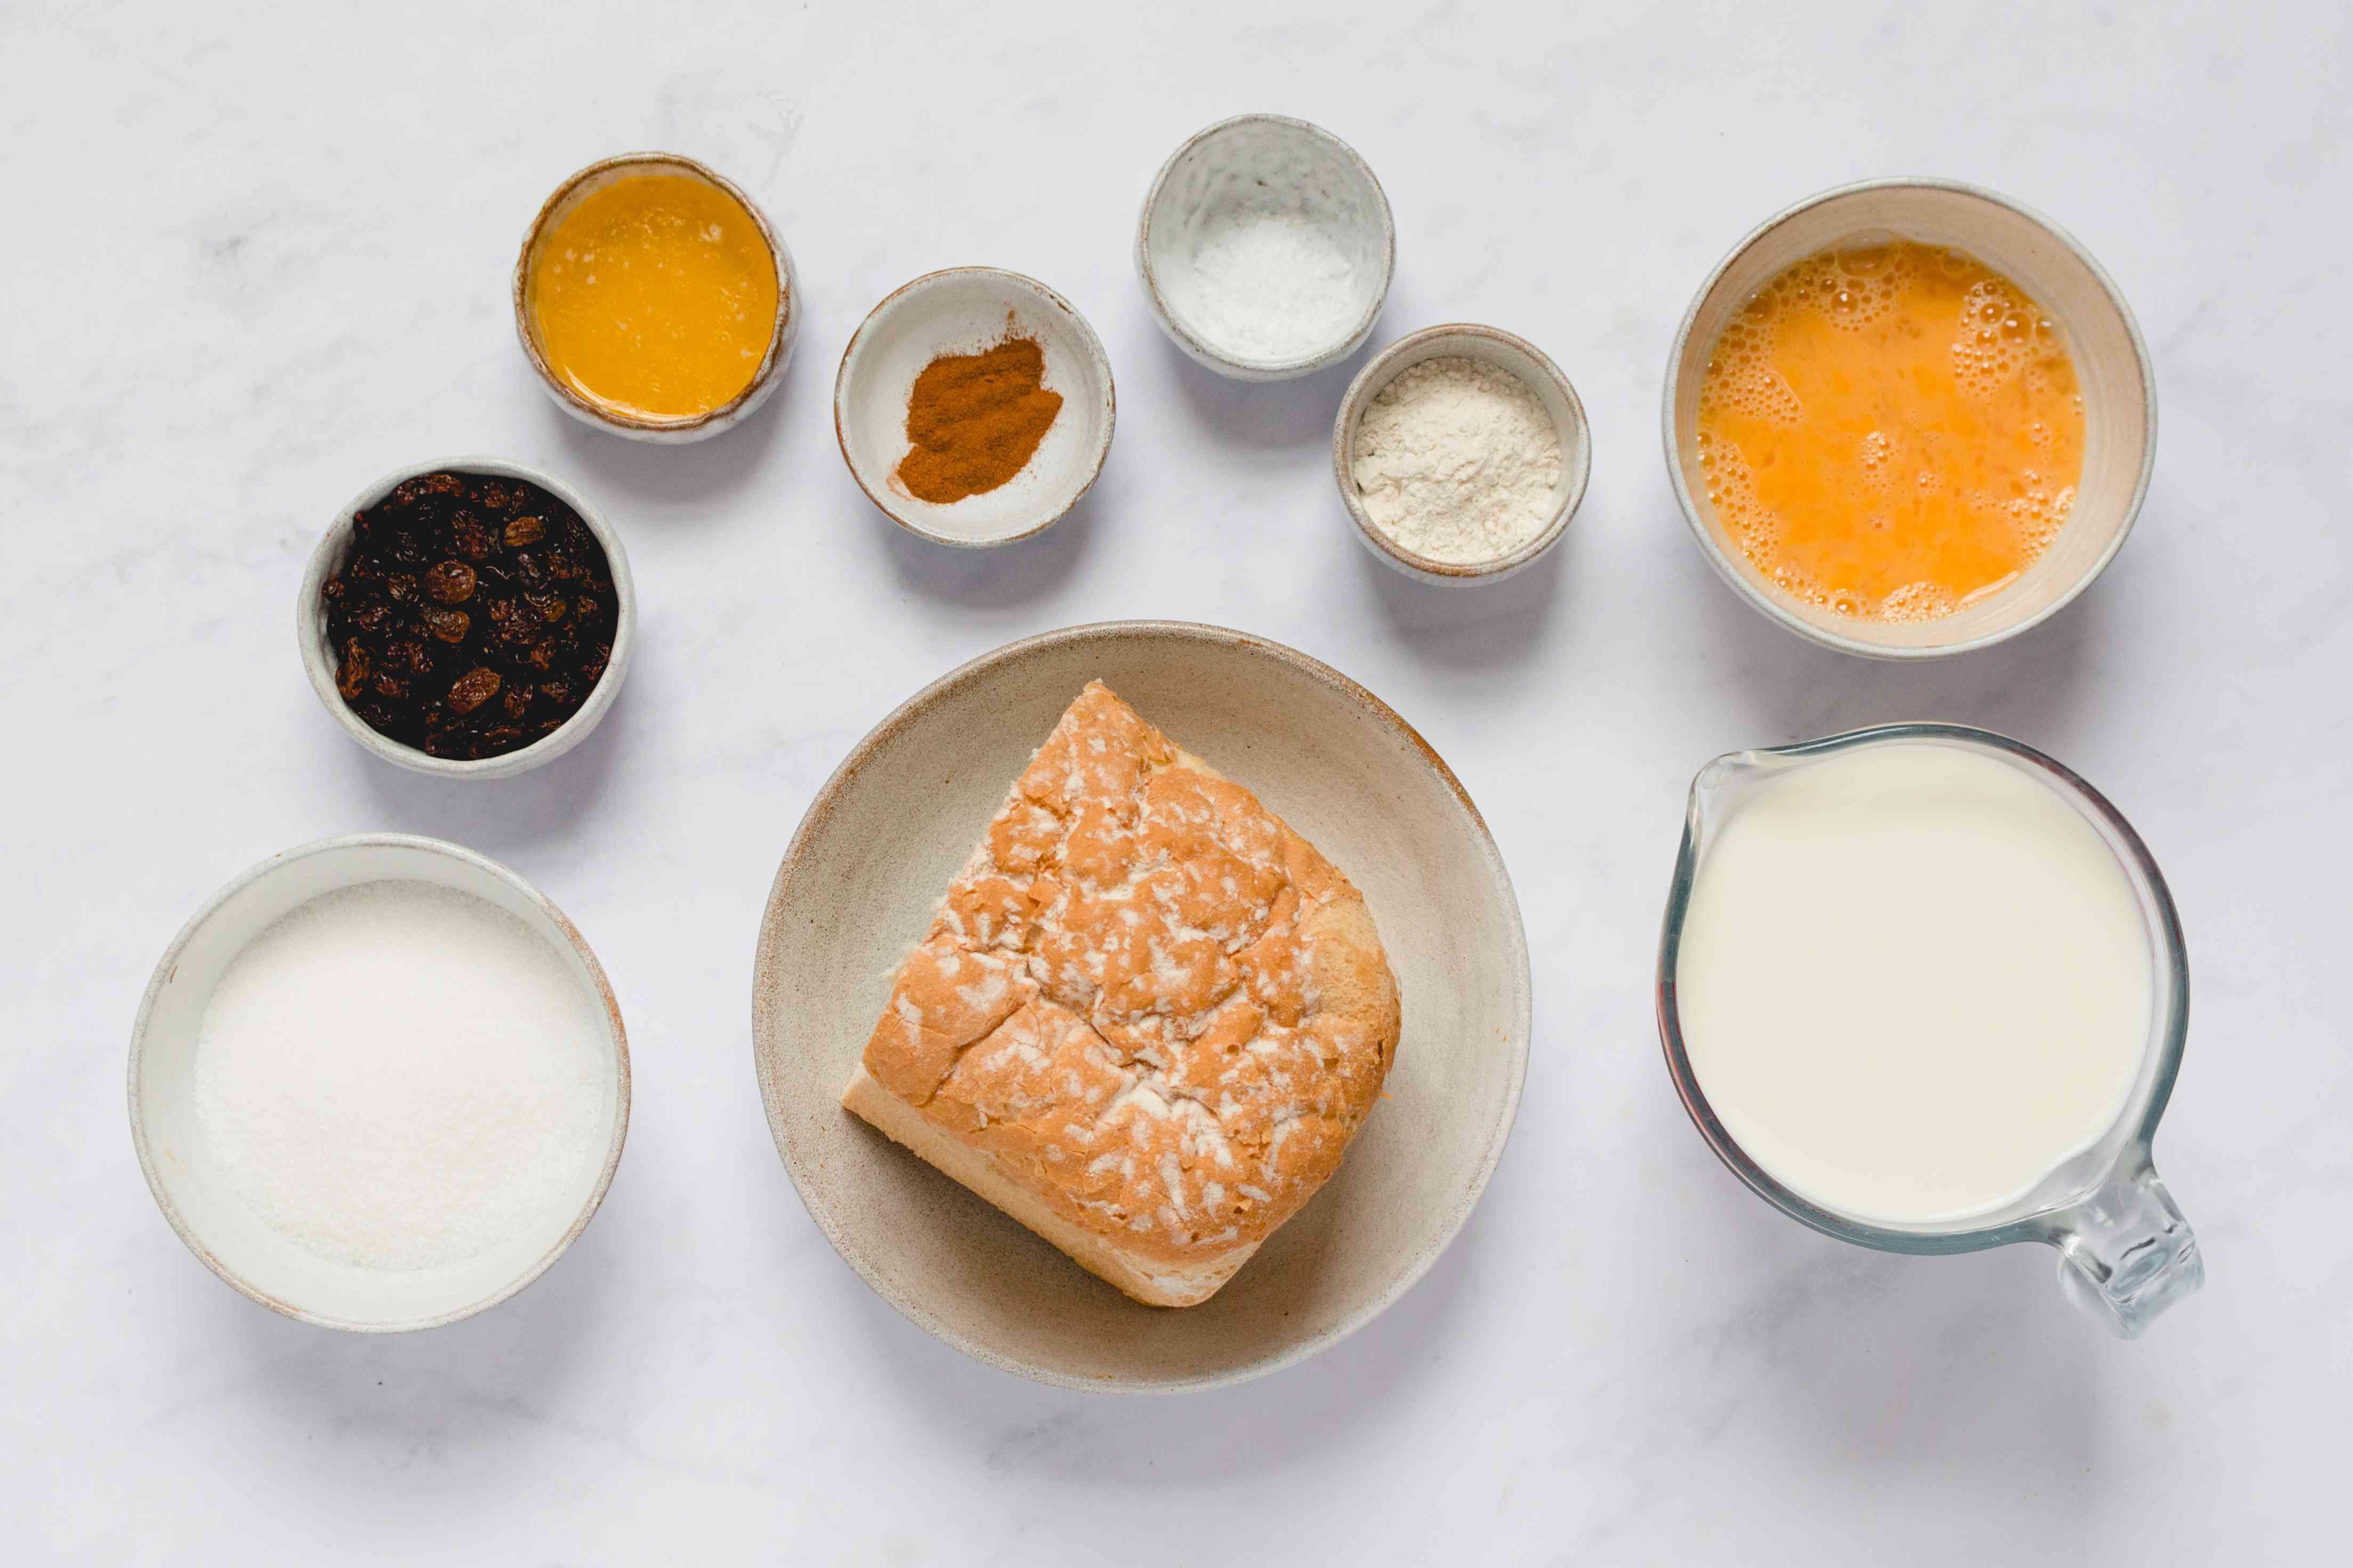 Caribbean Bread Pudding (Pudín de Pan) ingredients